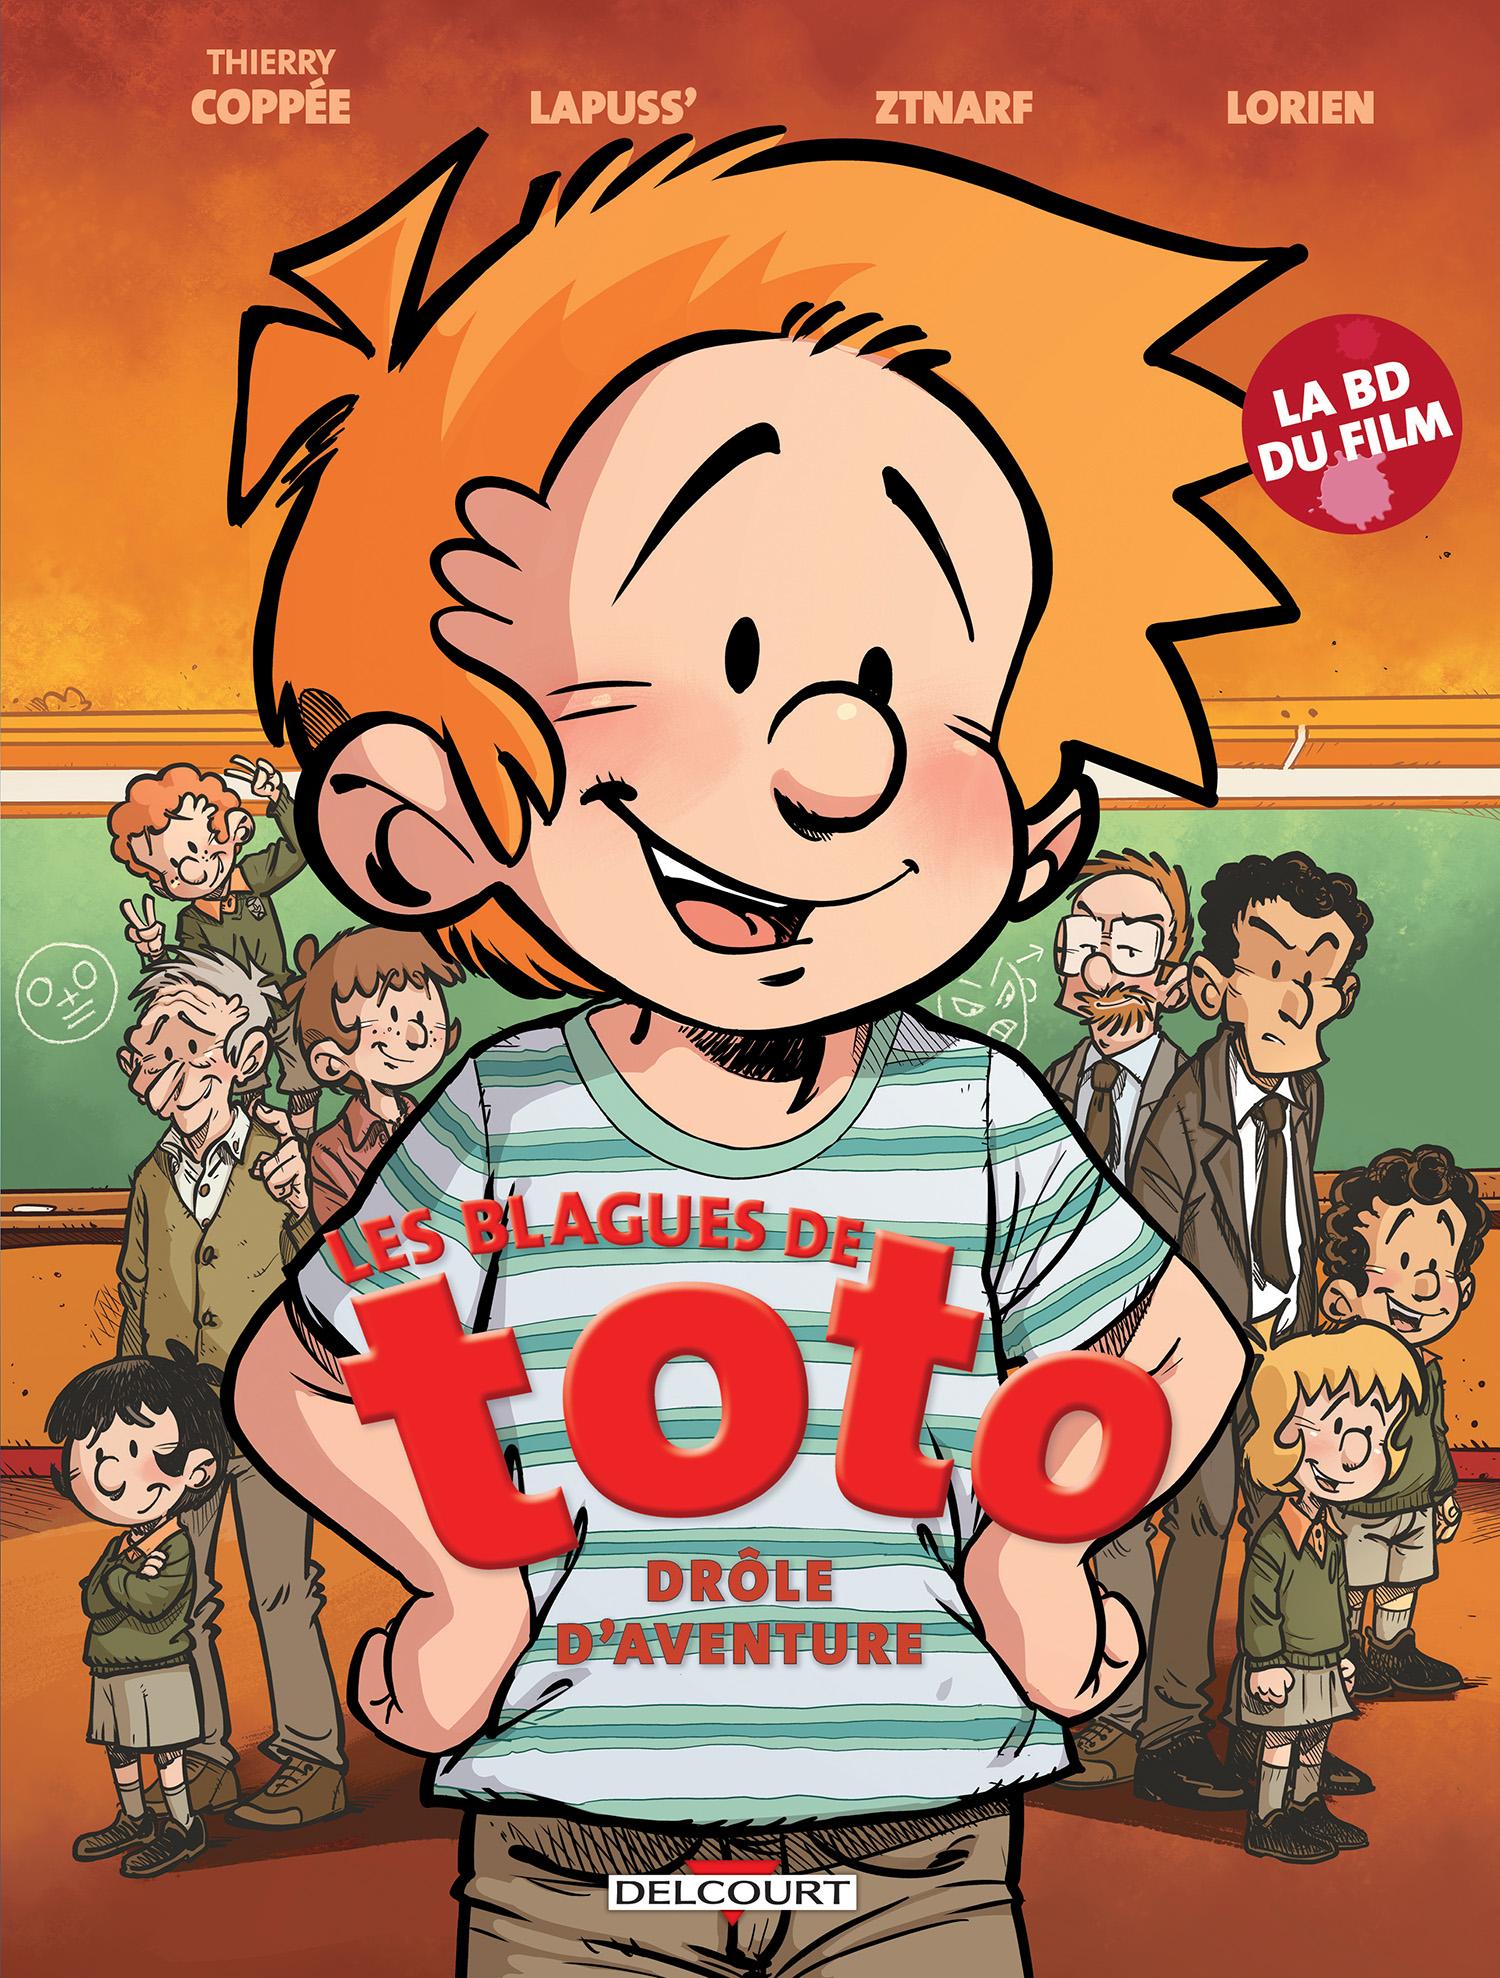 Les Blagues de Toto - Drôle d'aventure 0